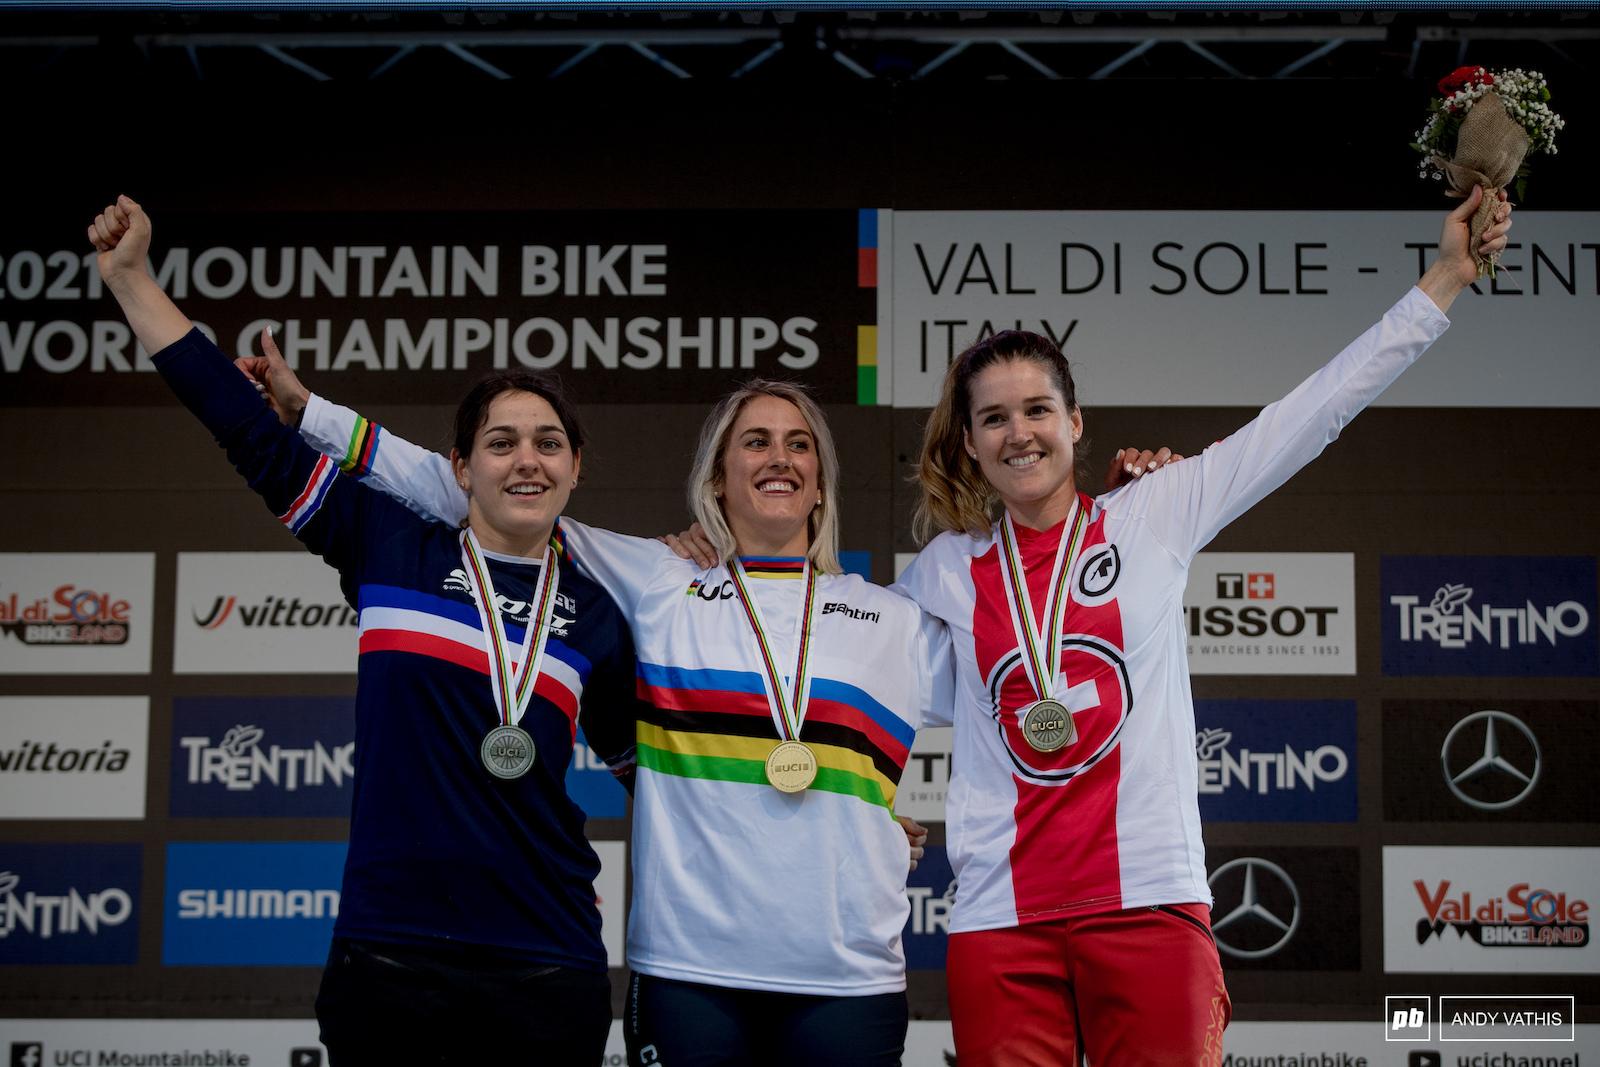 Your Elite Women s podium - 1st Myriam Nicole 2nd Marine Cabirou 3rd Camille Balanche